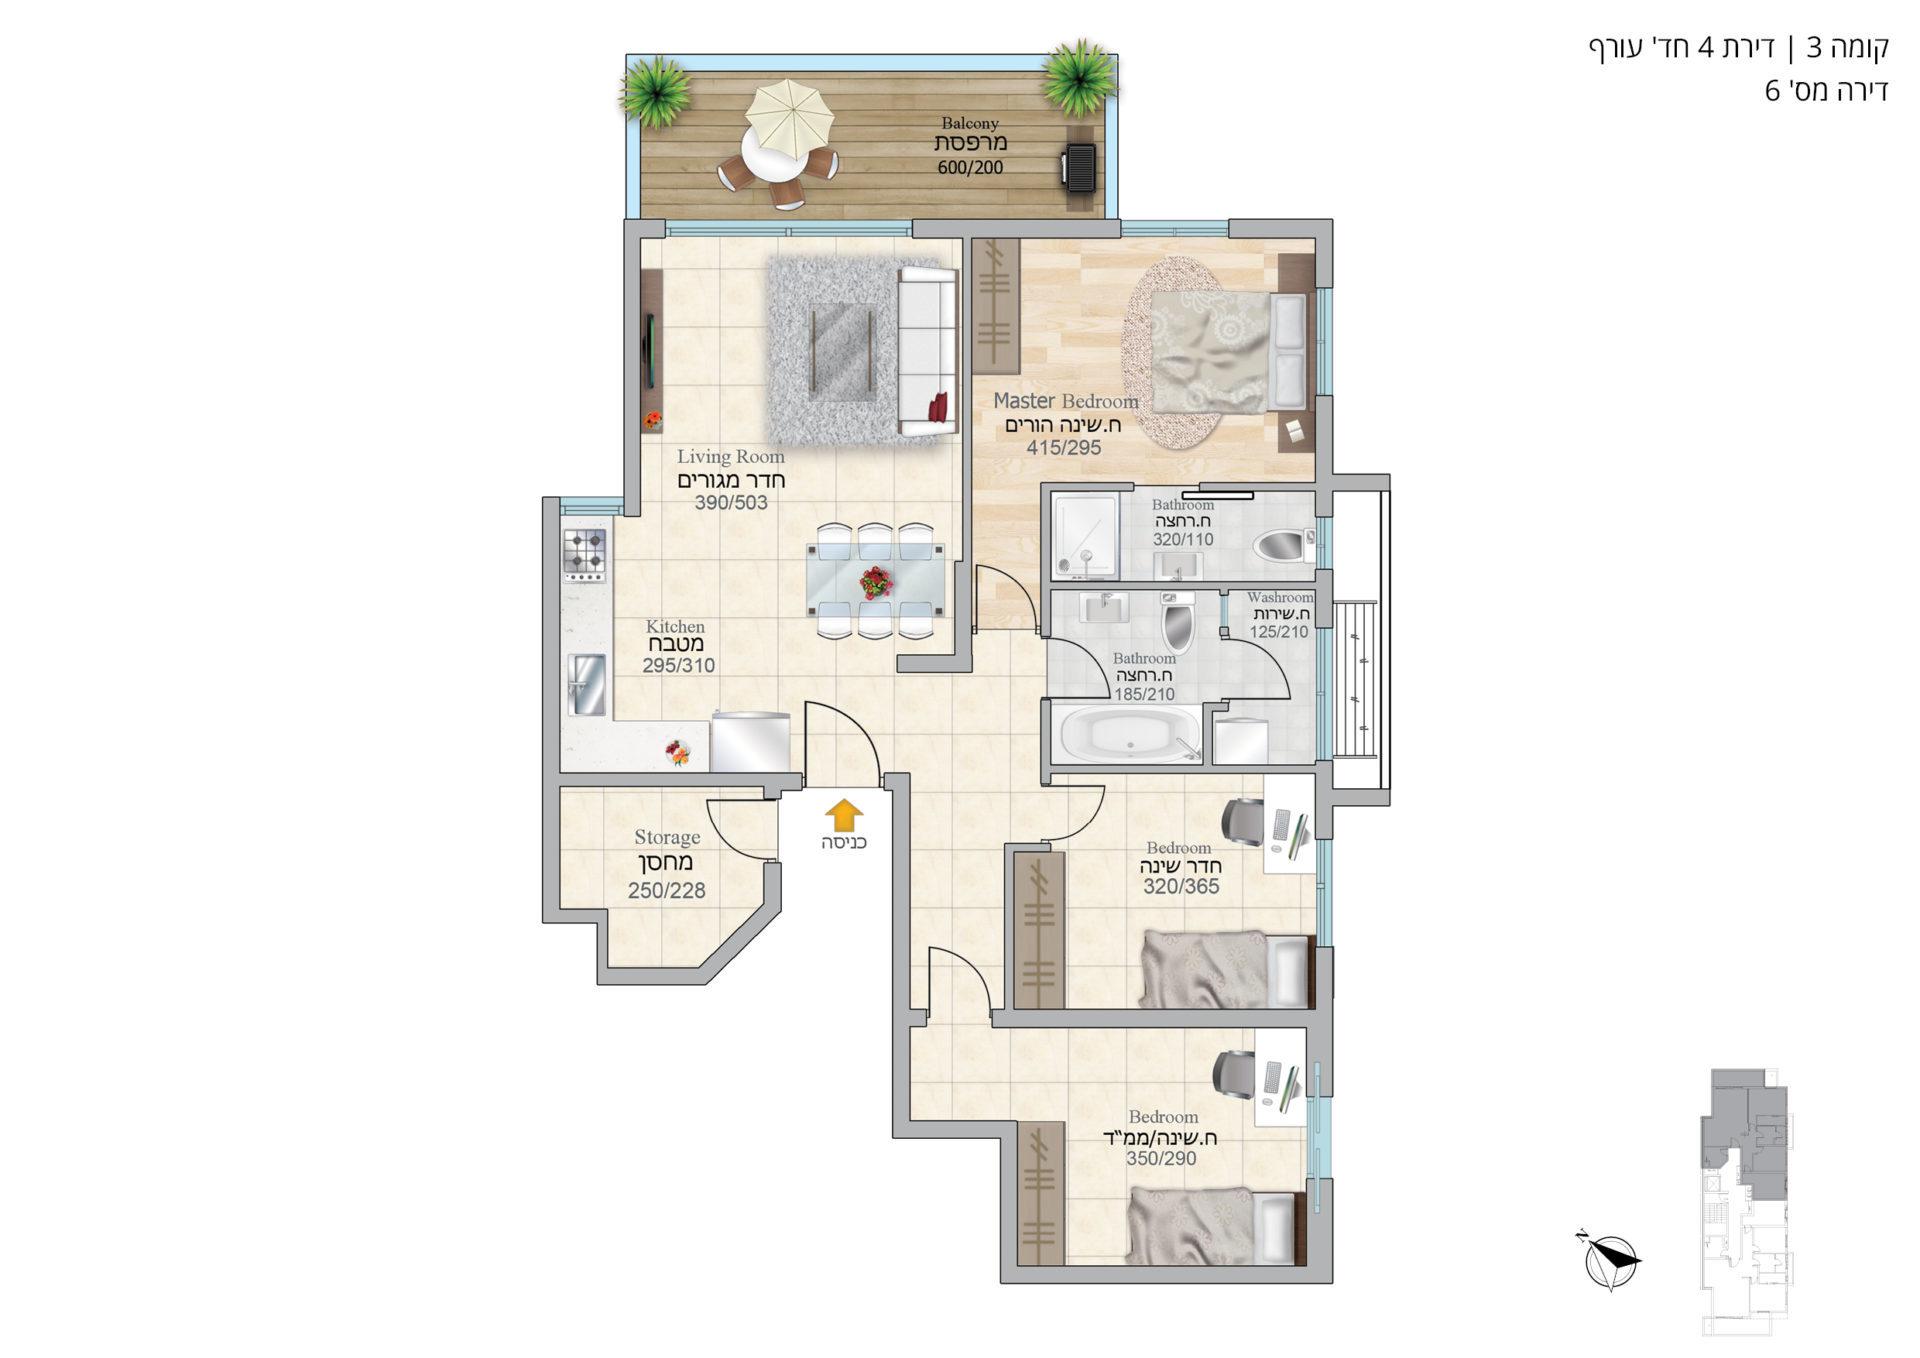 תוכנית הדירה לנכס מספר 6